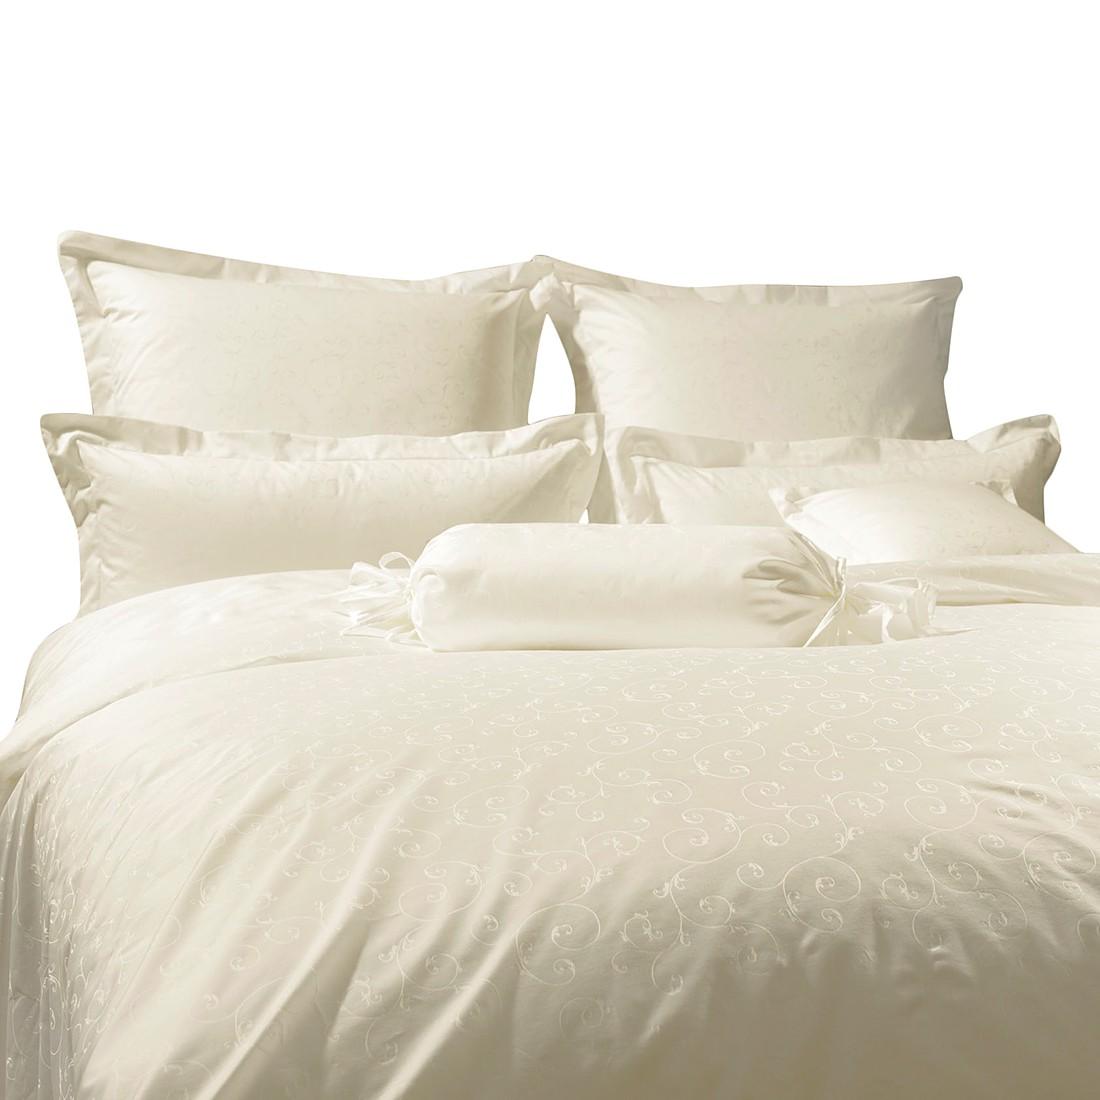 bettw sche 155 x 220 preisvergleich die besten angebote online kaufen. Black Bedroom Furniture Sets. Home Design Ideas